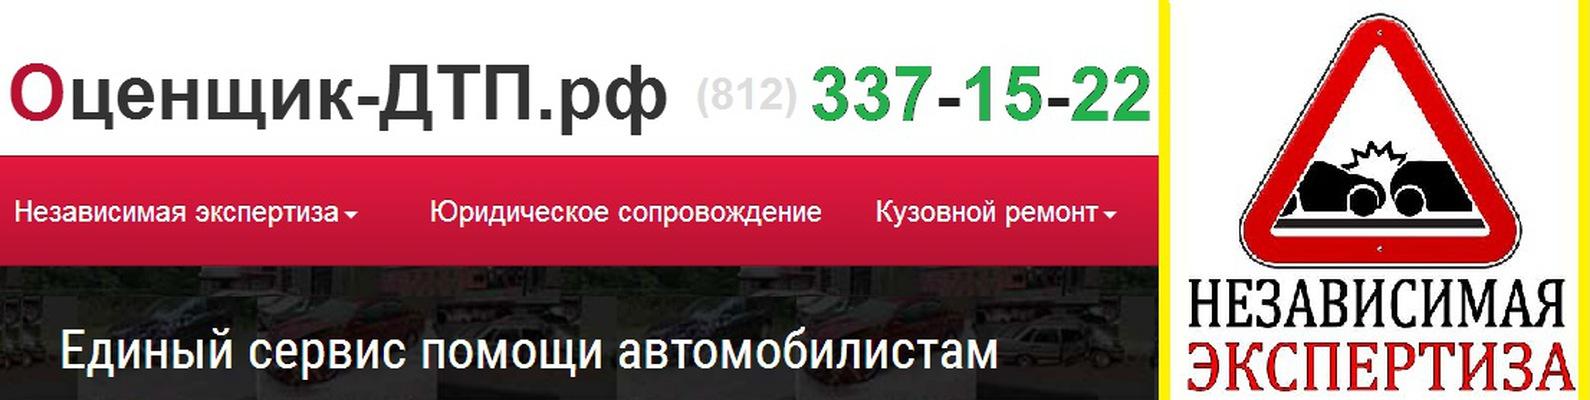 прокопьевск независимая экспертиза по дтп потребительских кредитов